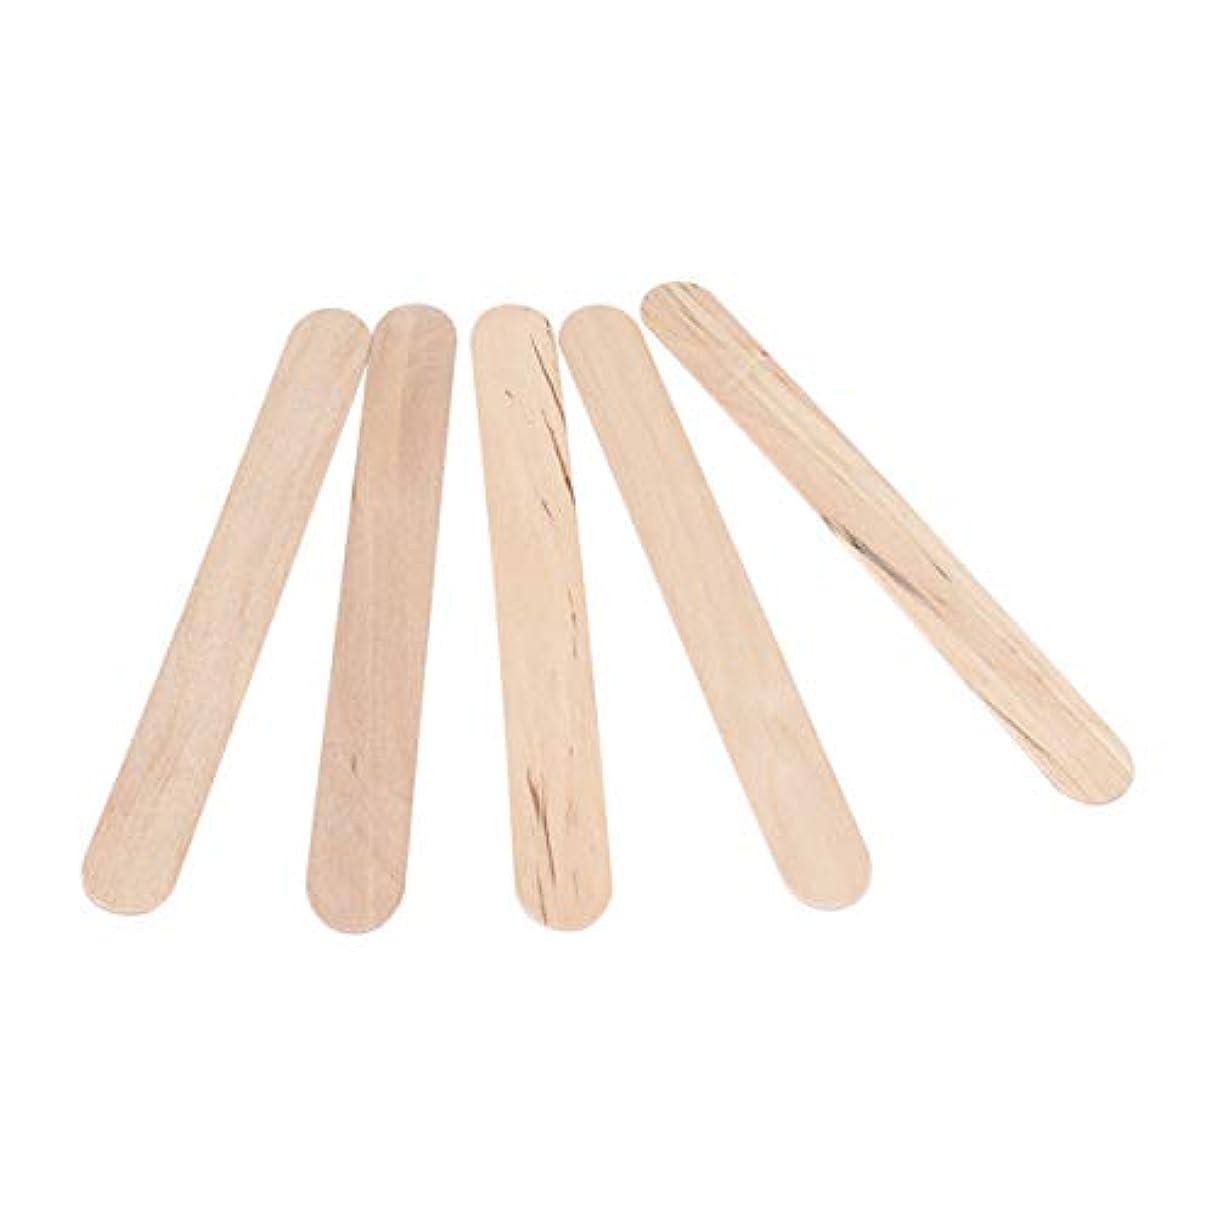 ペルソナやりすぎ作詞家STOBOK 300PCSワックスは使い捨てワックスへらスティック木製のワックス塗布器は、木材舌圧子木製のアイスキャンデークラフトスティックスティック